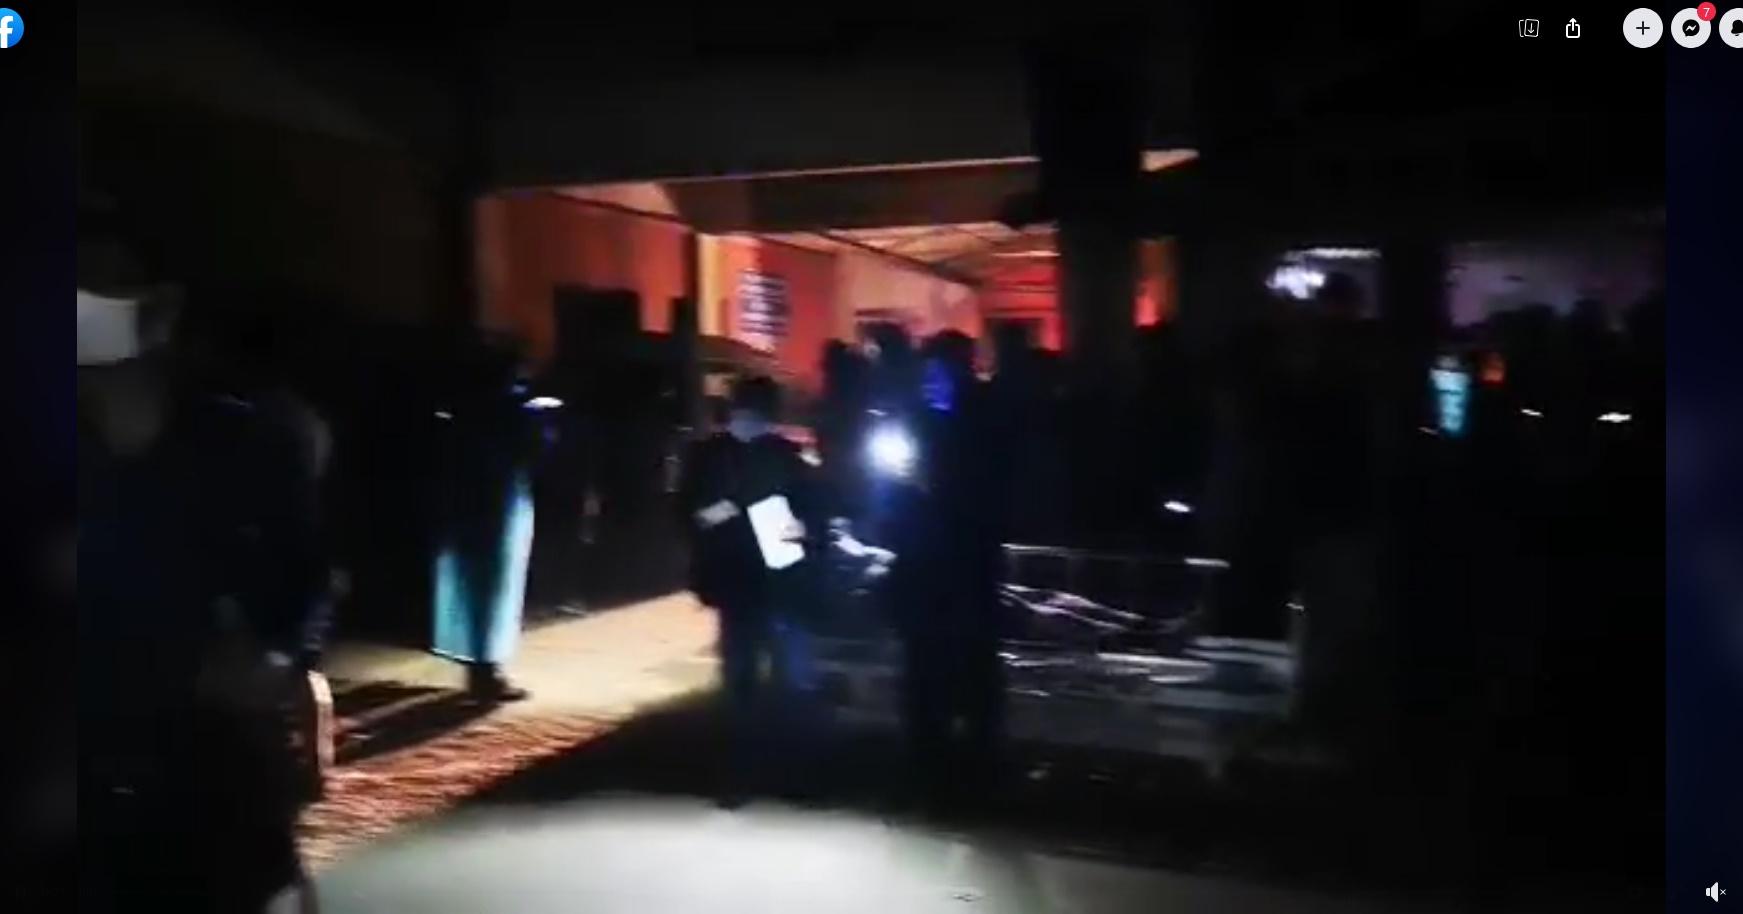 কক্সবাজার সদর হাসপাতালে আগুন : ৩৫ মিনিটে নিয়ন্ত্রণ